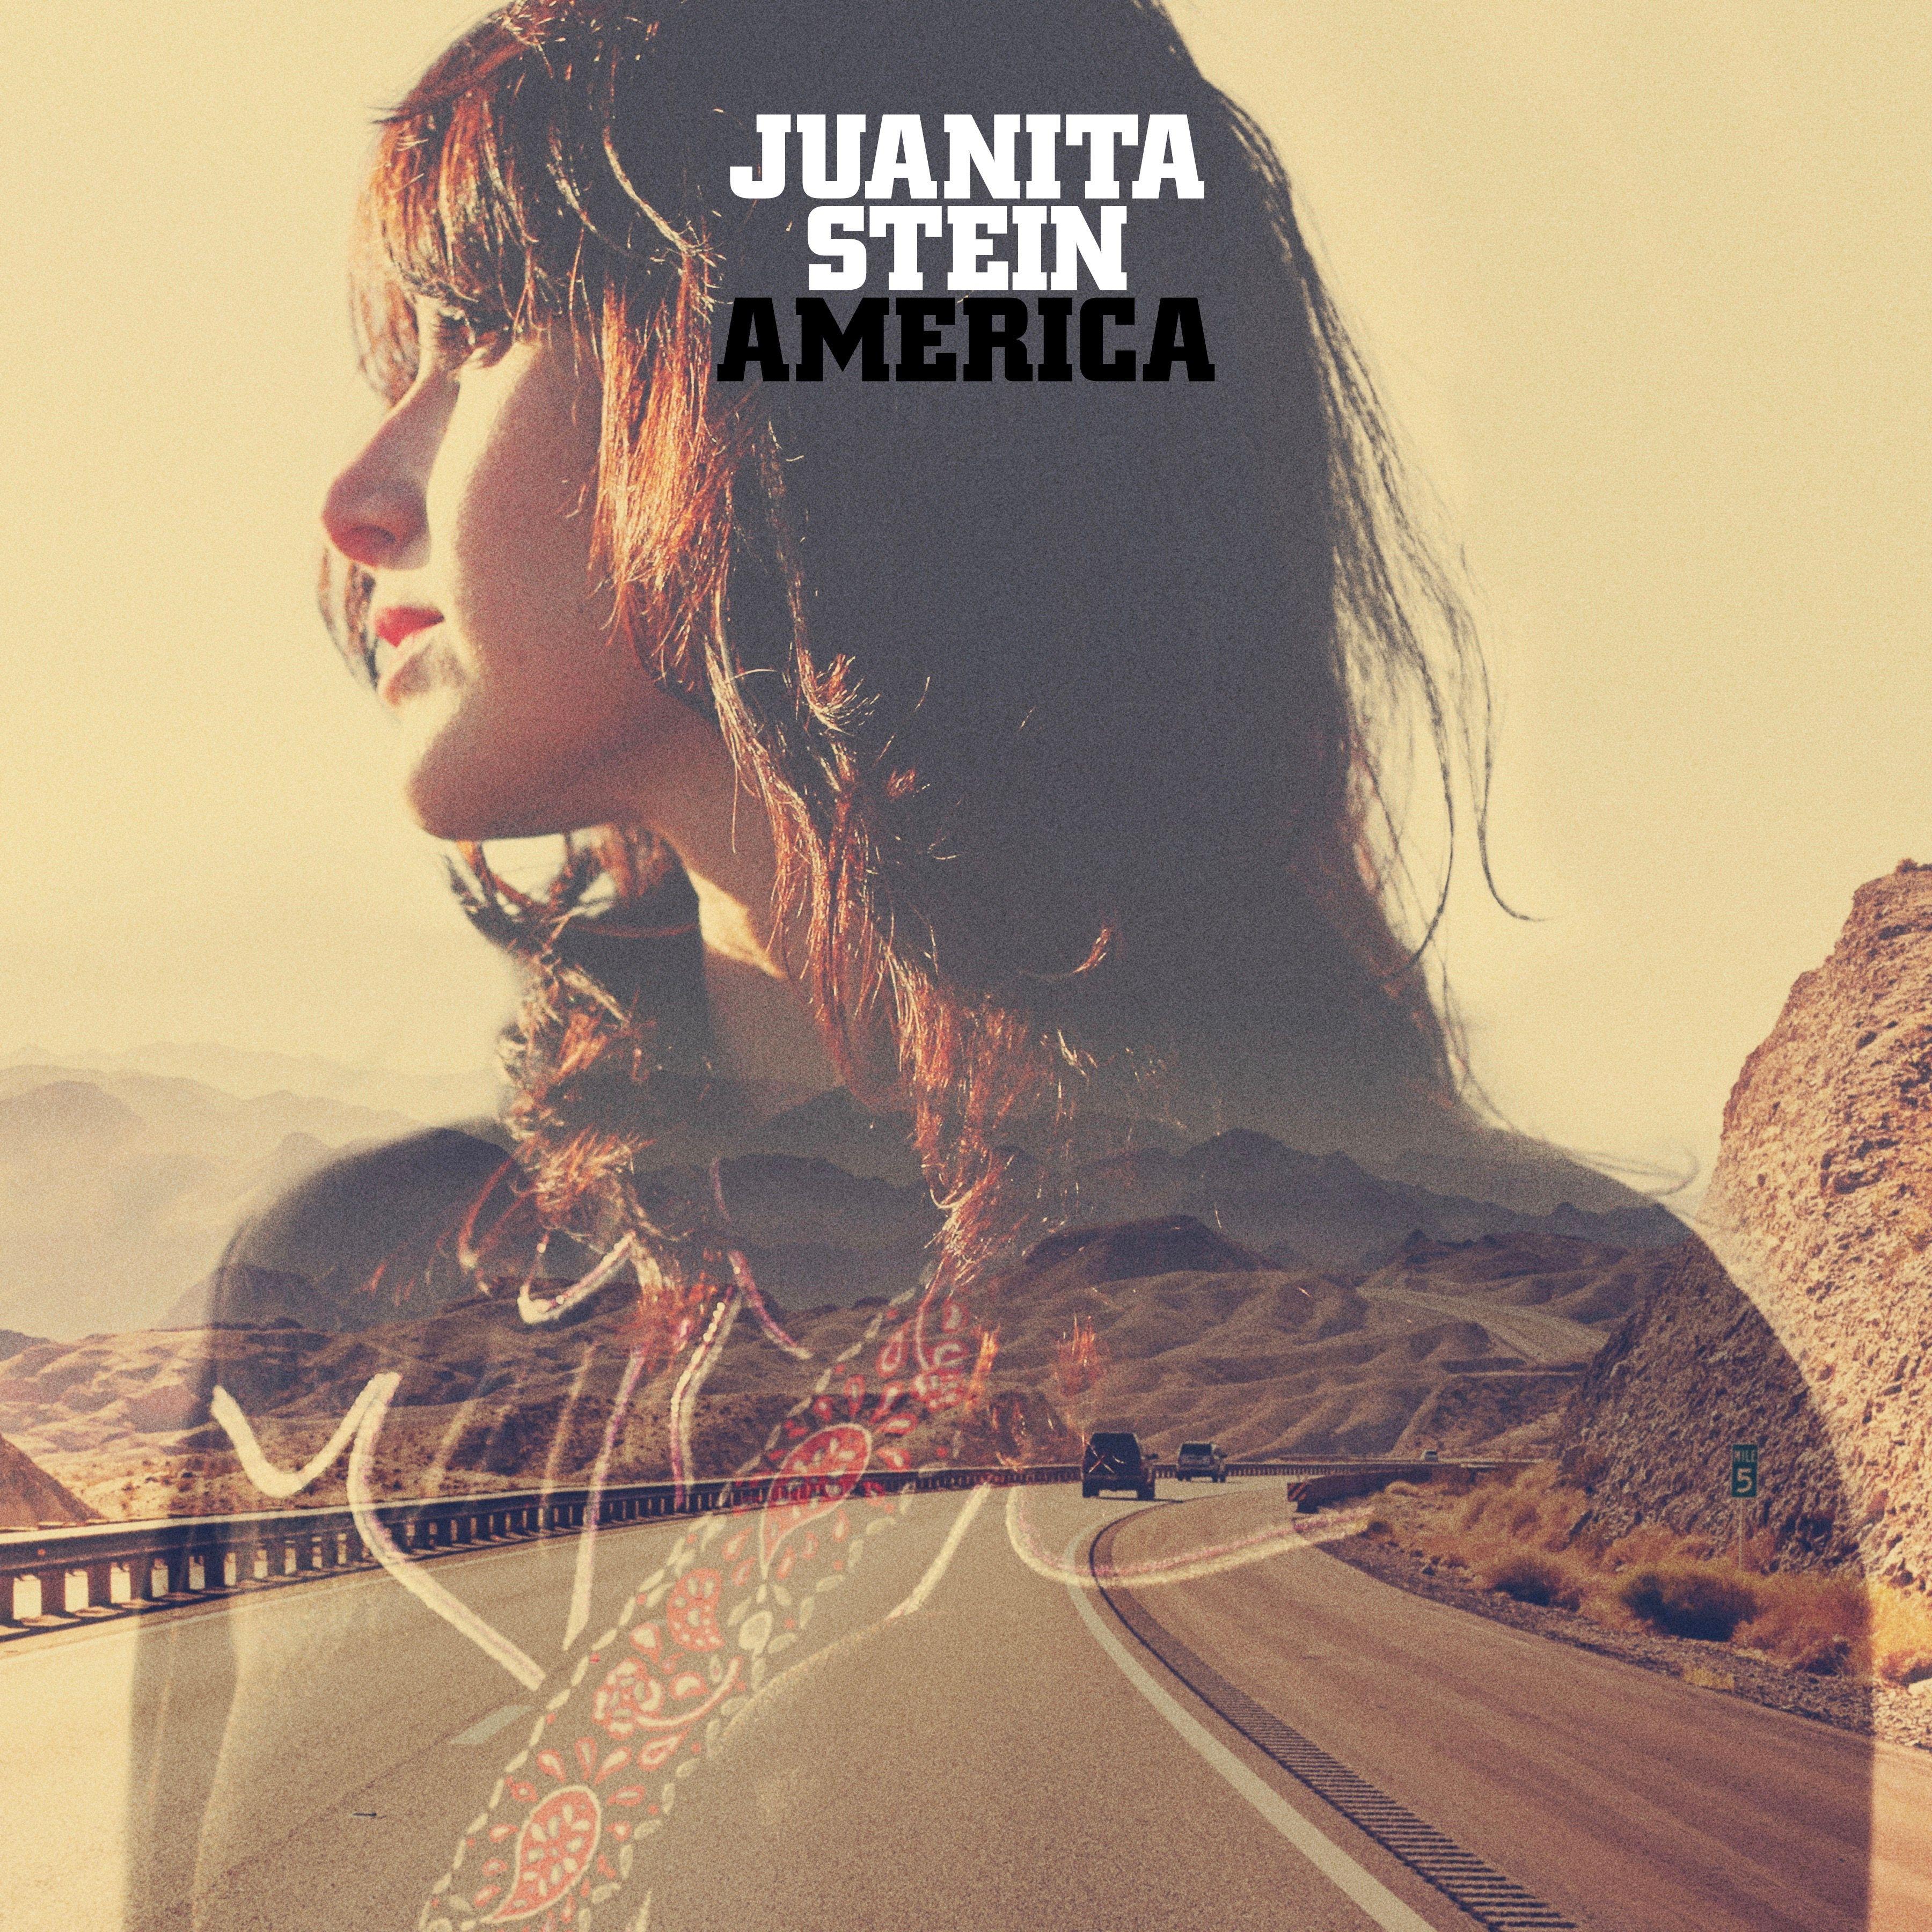 [Image: JUANITA-STEIN-_-AMERICA-ALBUM-REVIEW.jpg]